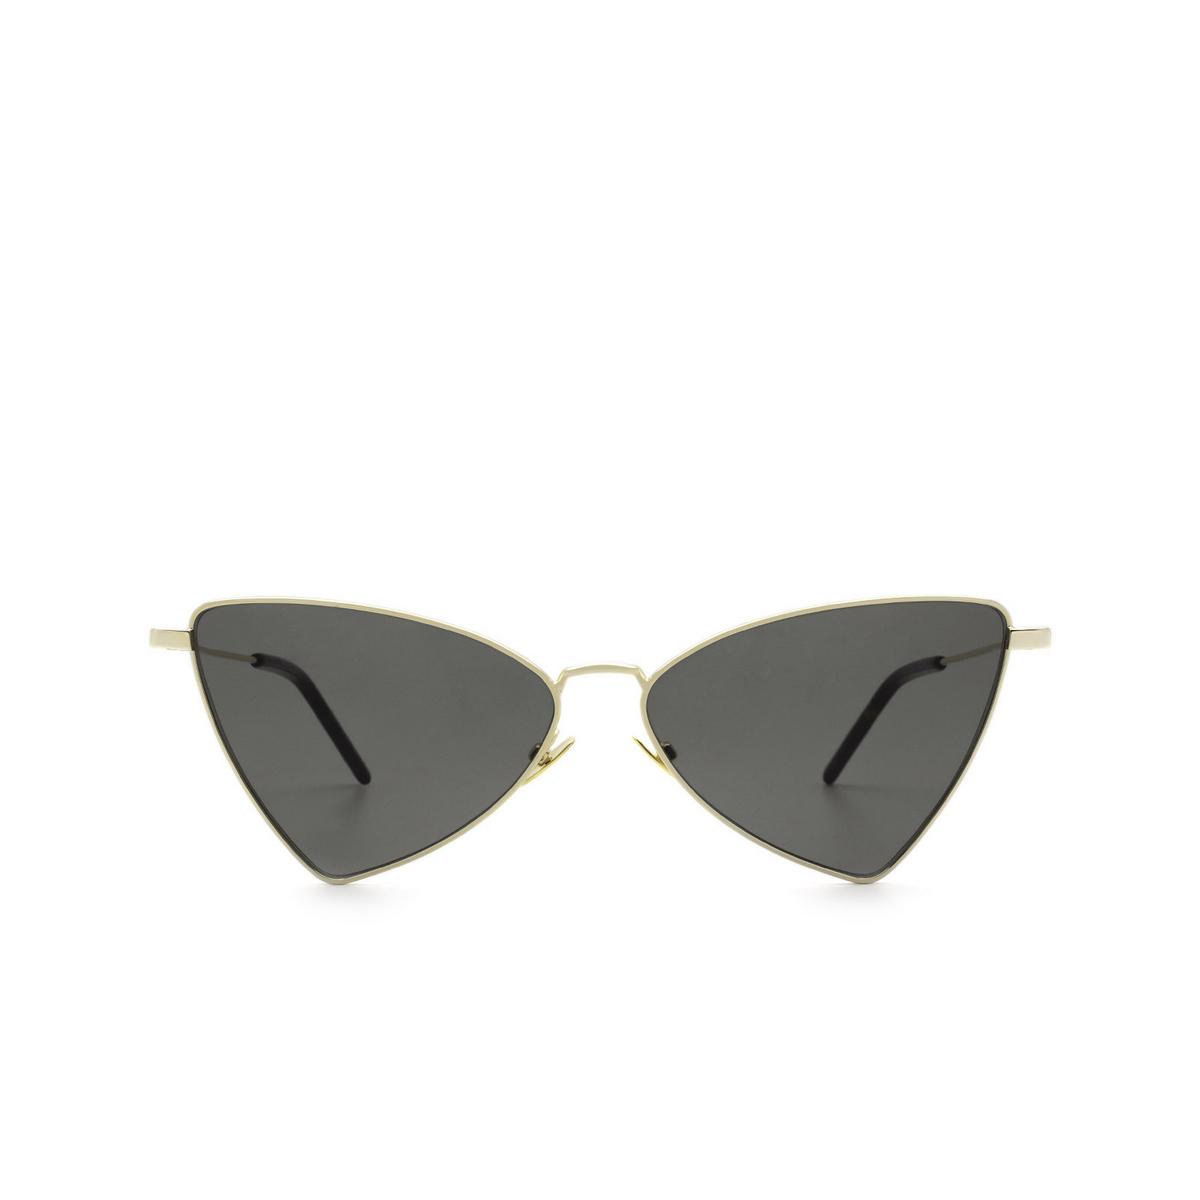 Saint Laurent® Irregular Sunglasses: Jerry SL 303 color Gold 004 - front view.